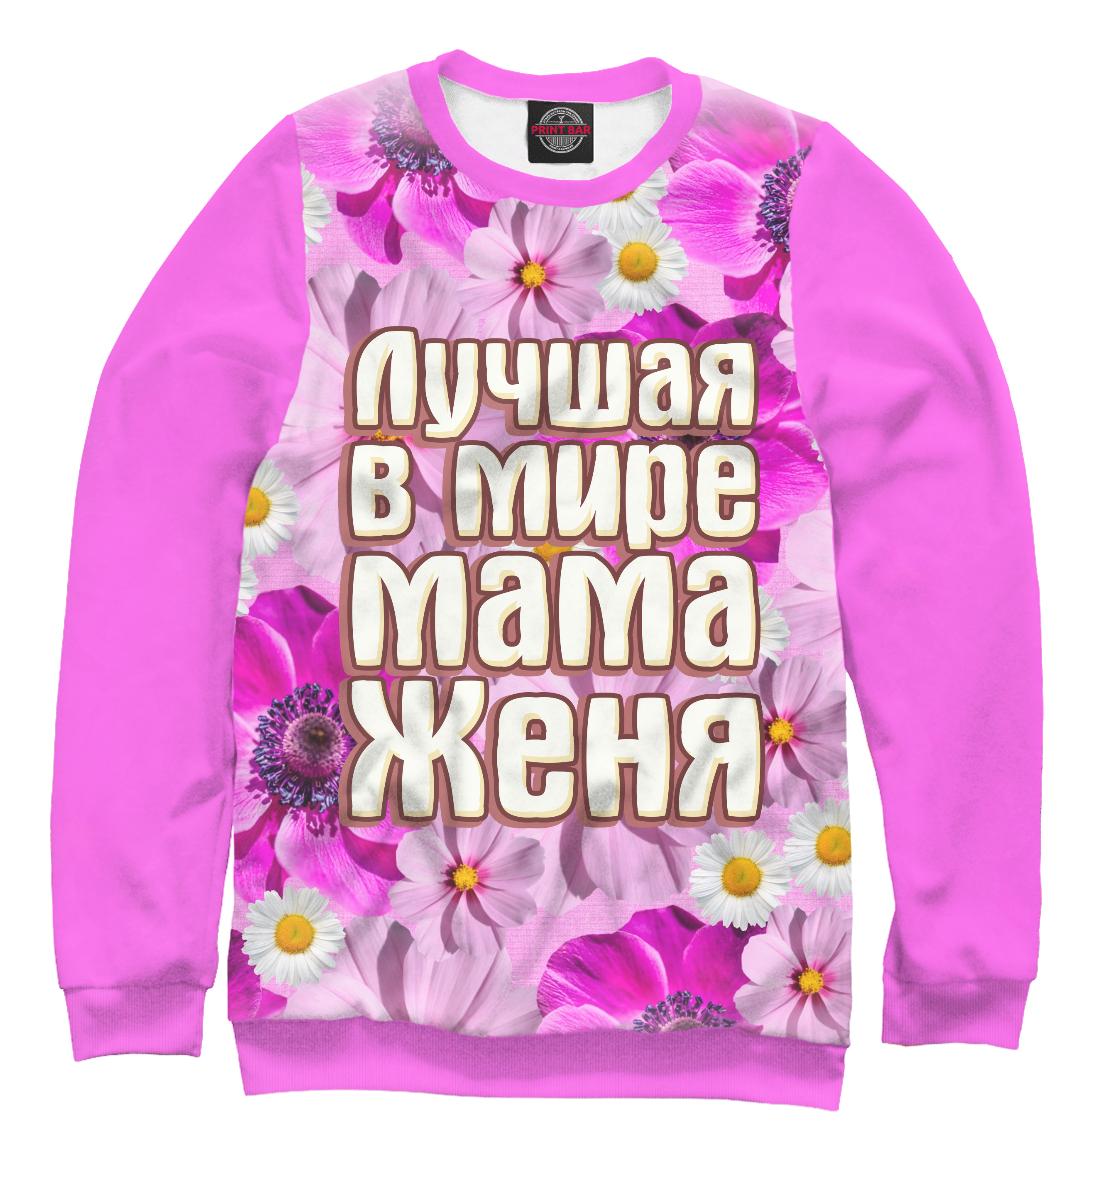 Купить Лучшая в мире мама Женя, Printbar, Свитшоты, IMR-979522-swi